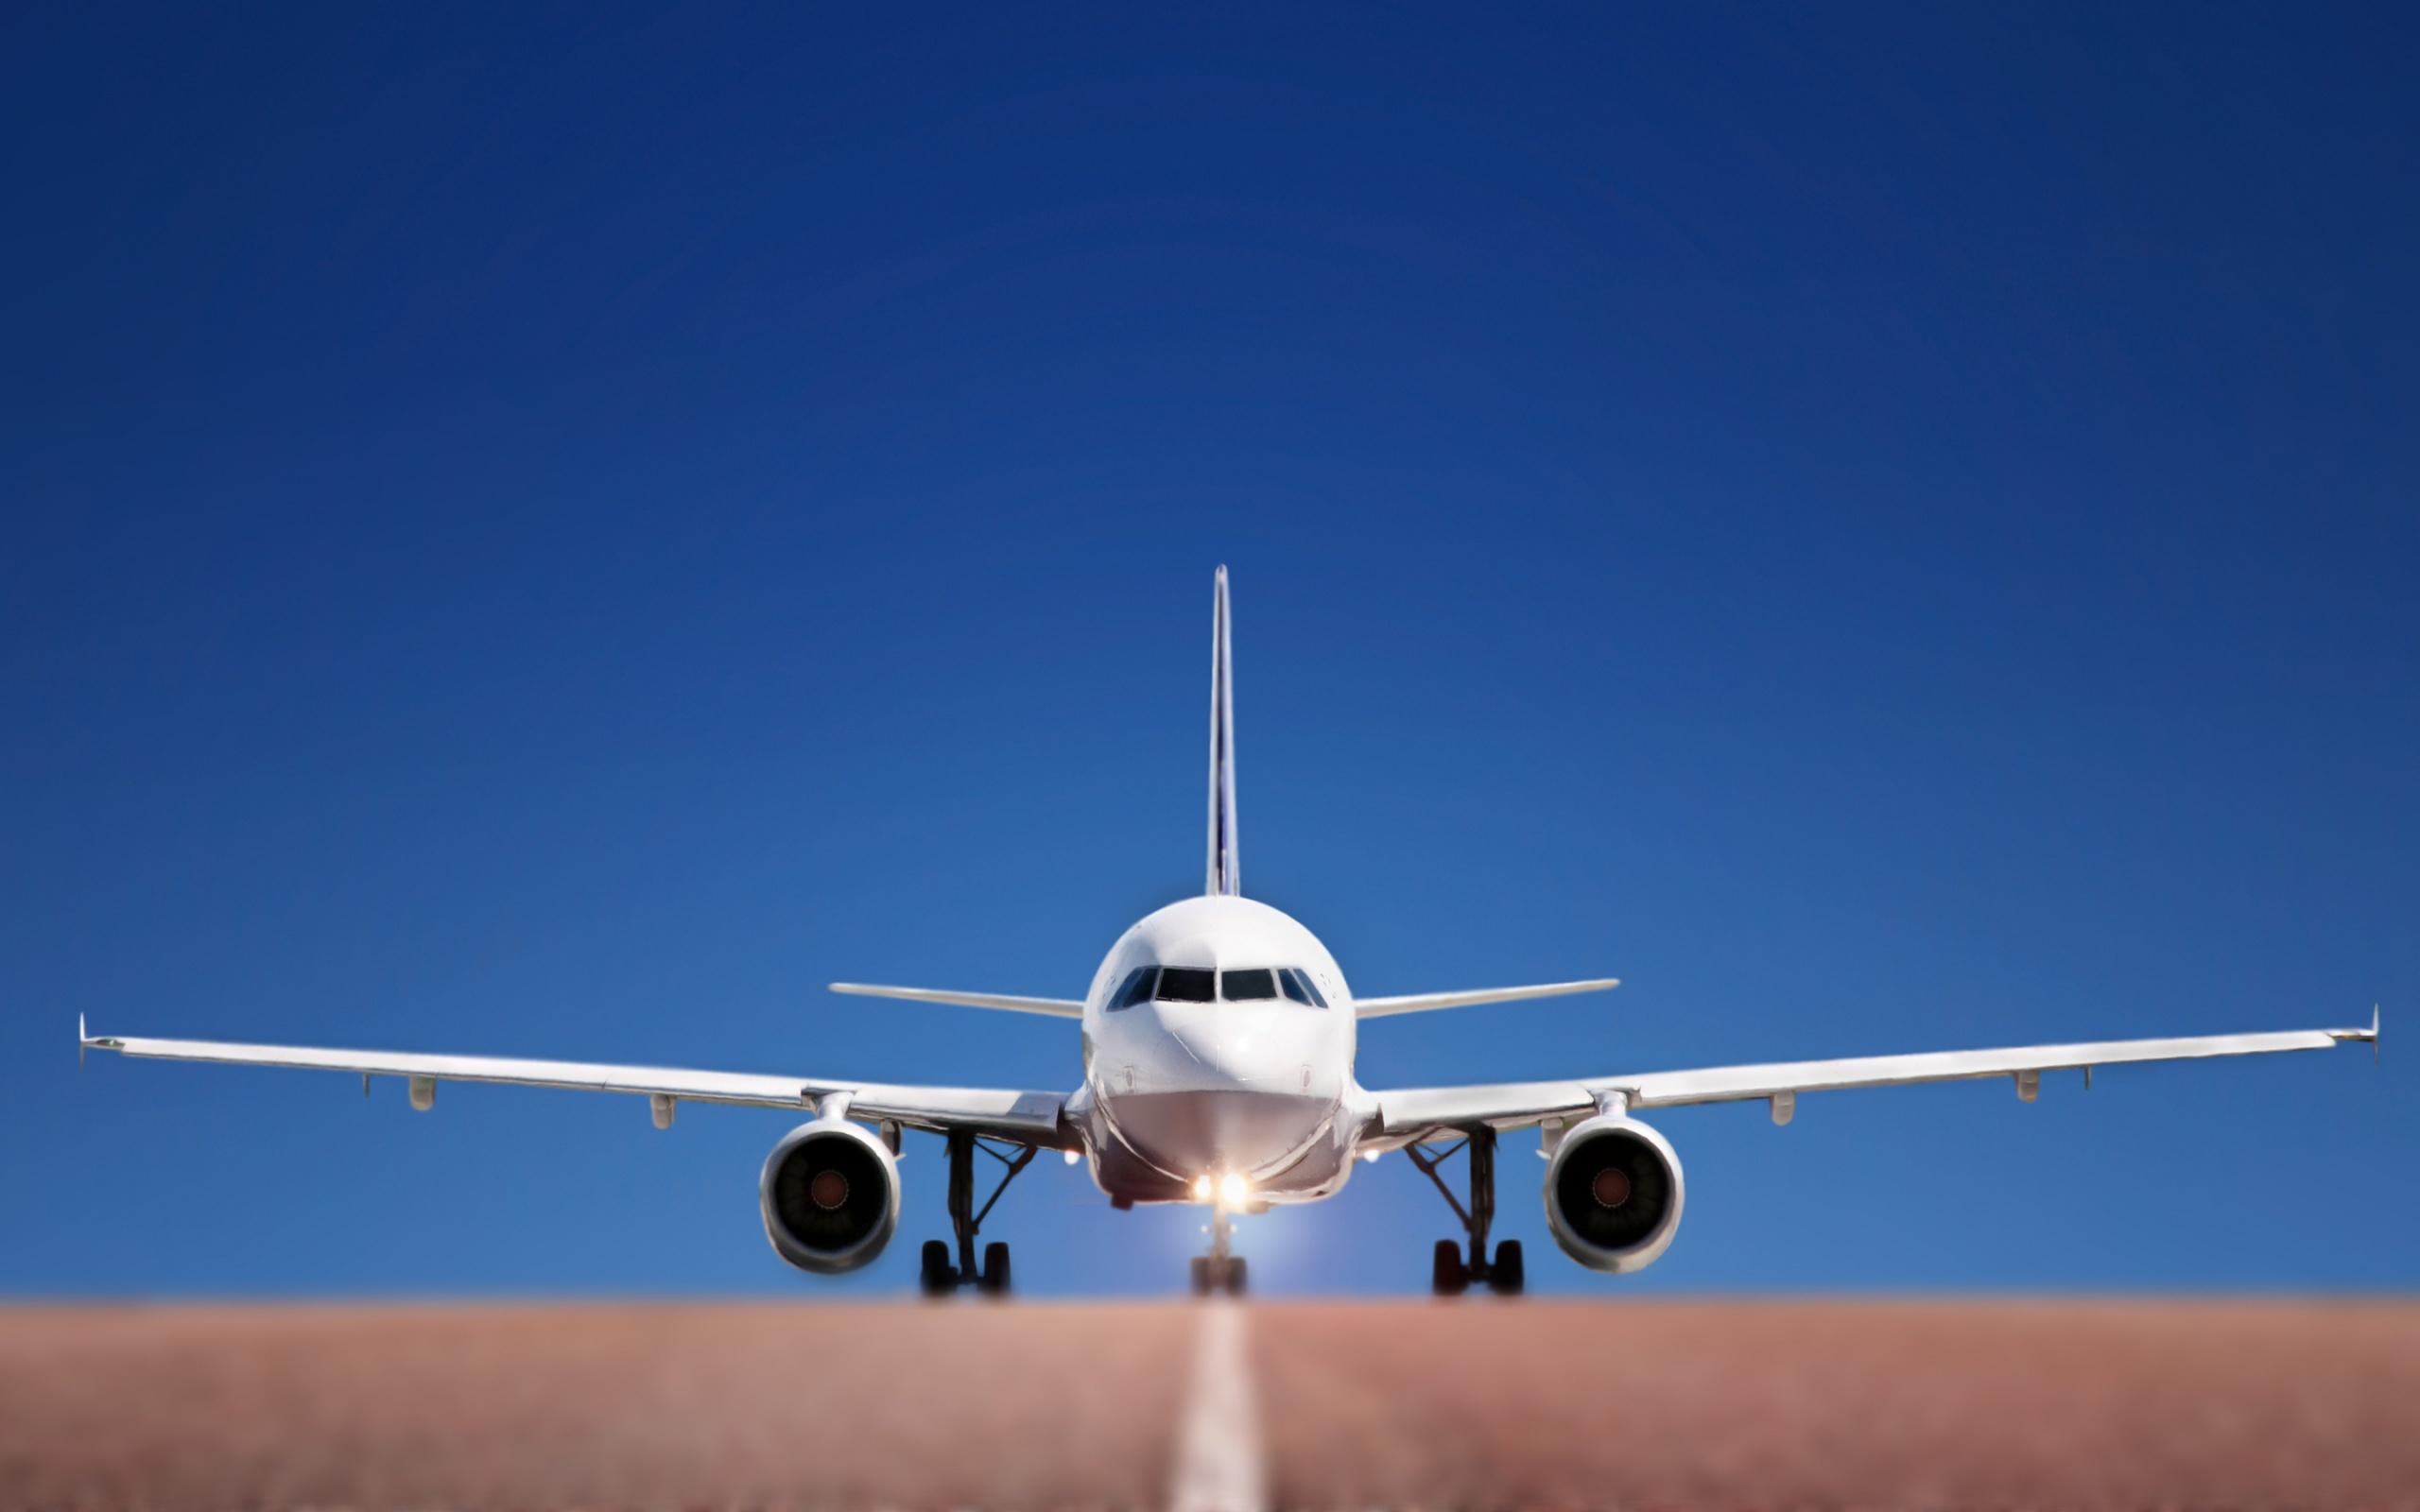 Украинский суд оштрафовал российскую авиакомпанию заполеты вКрым